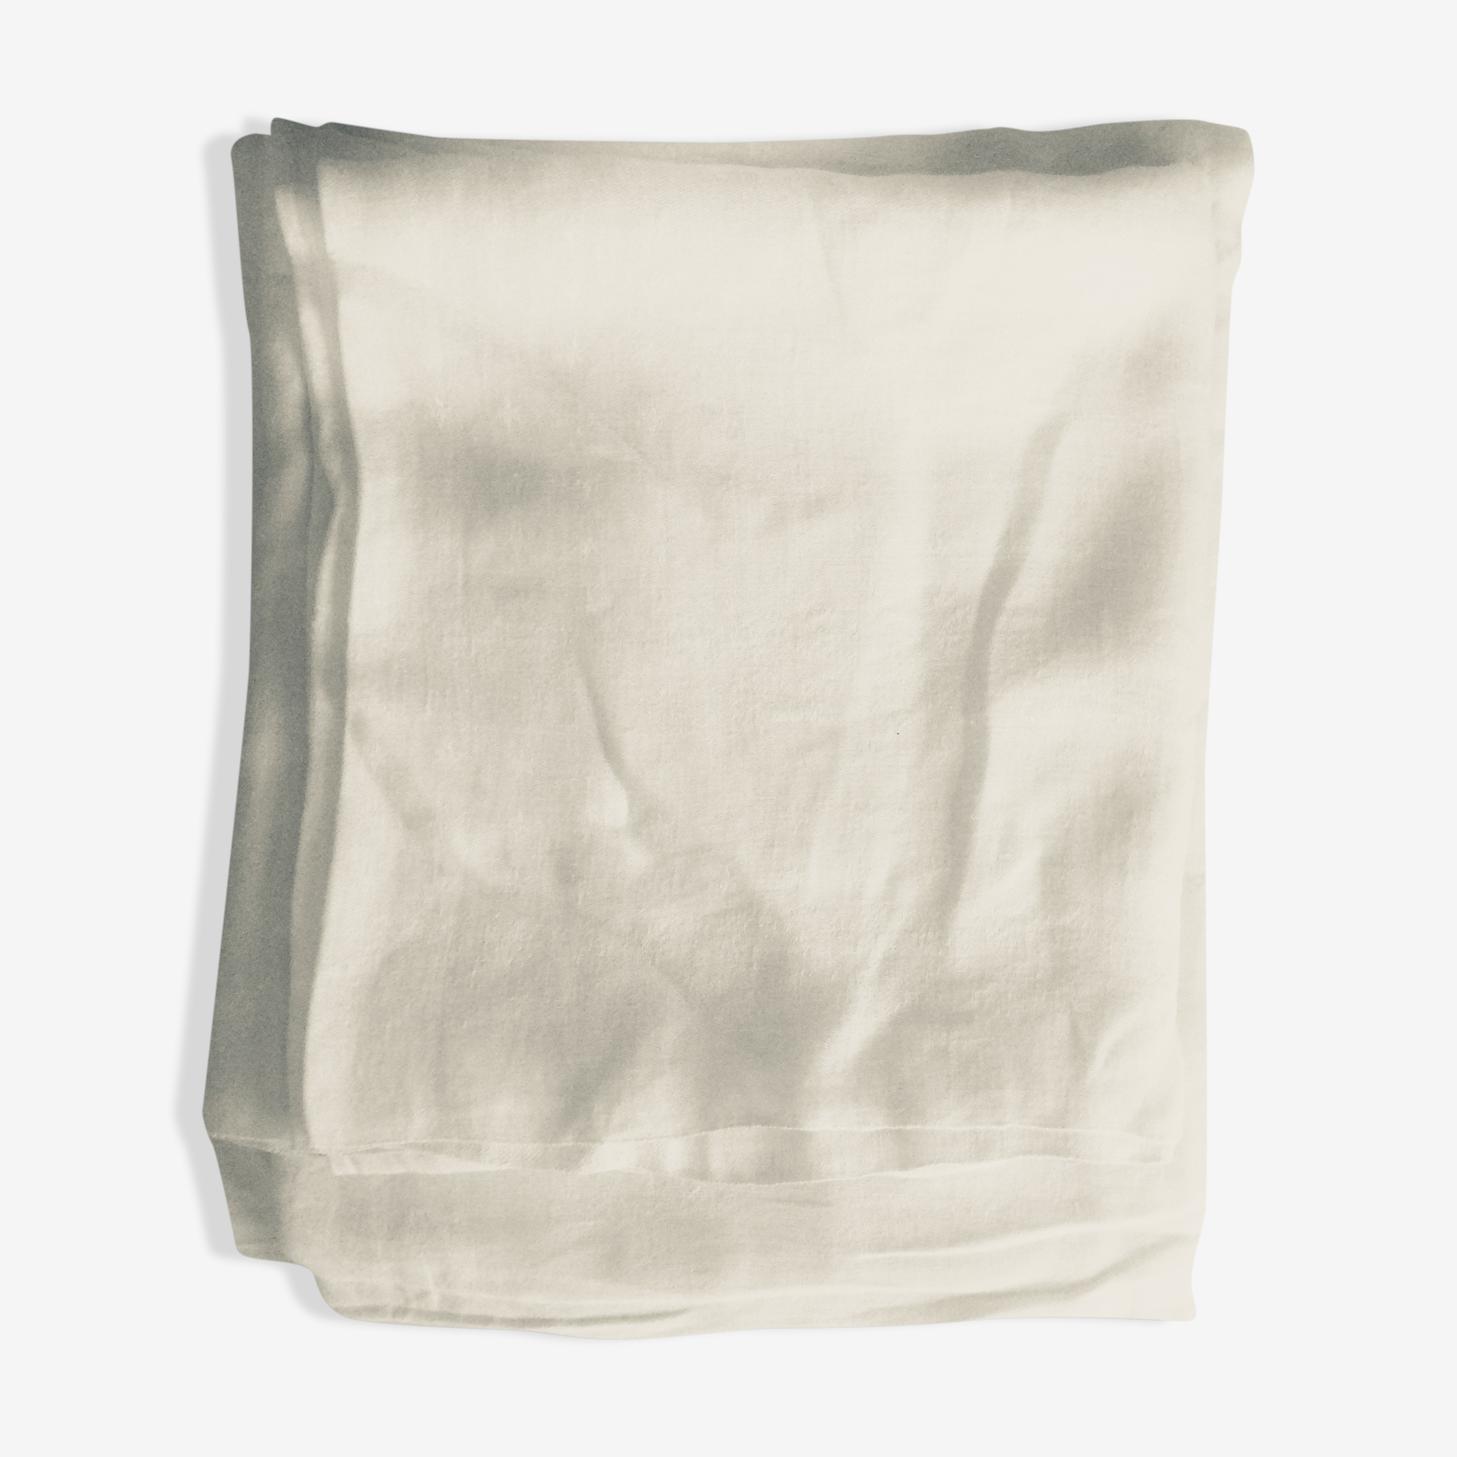 2 tablecloths